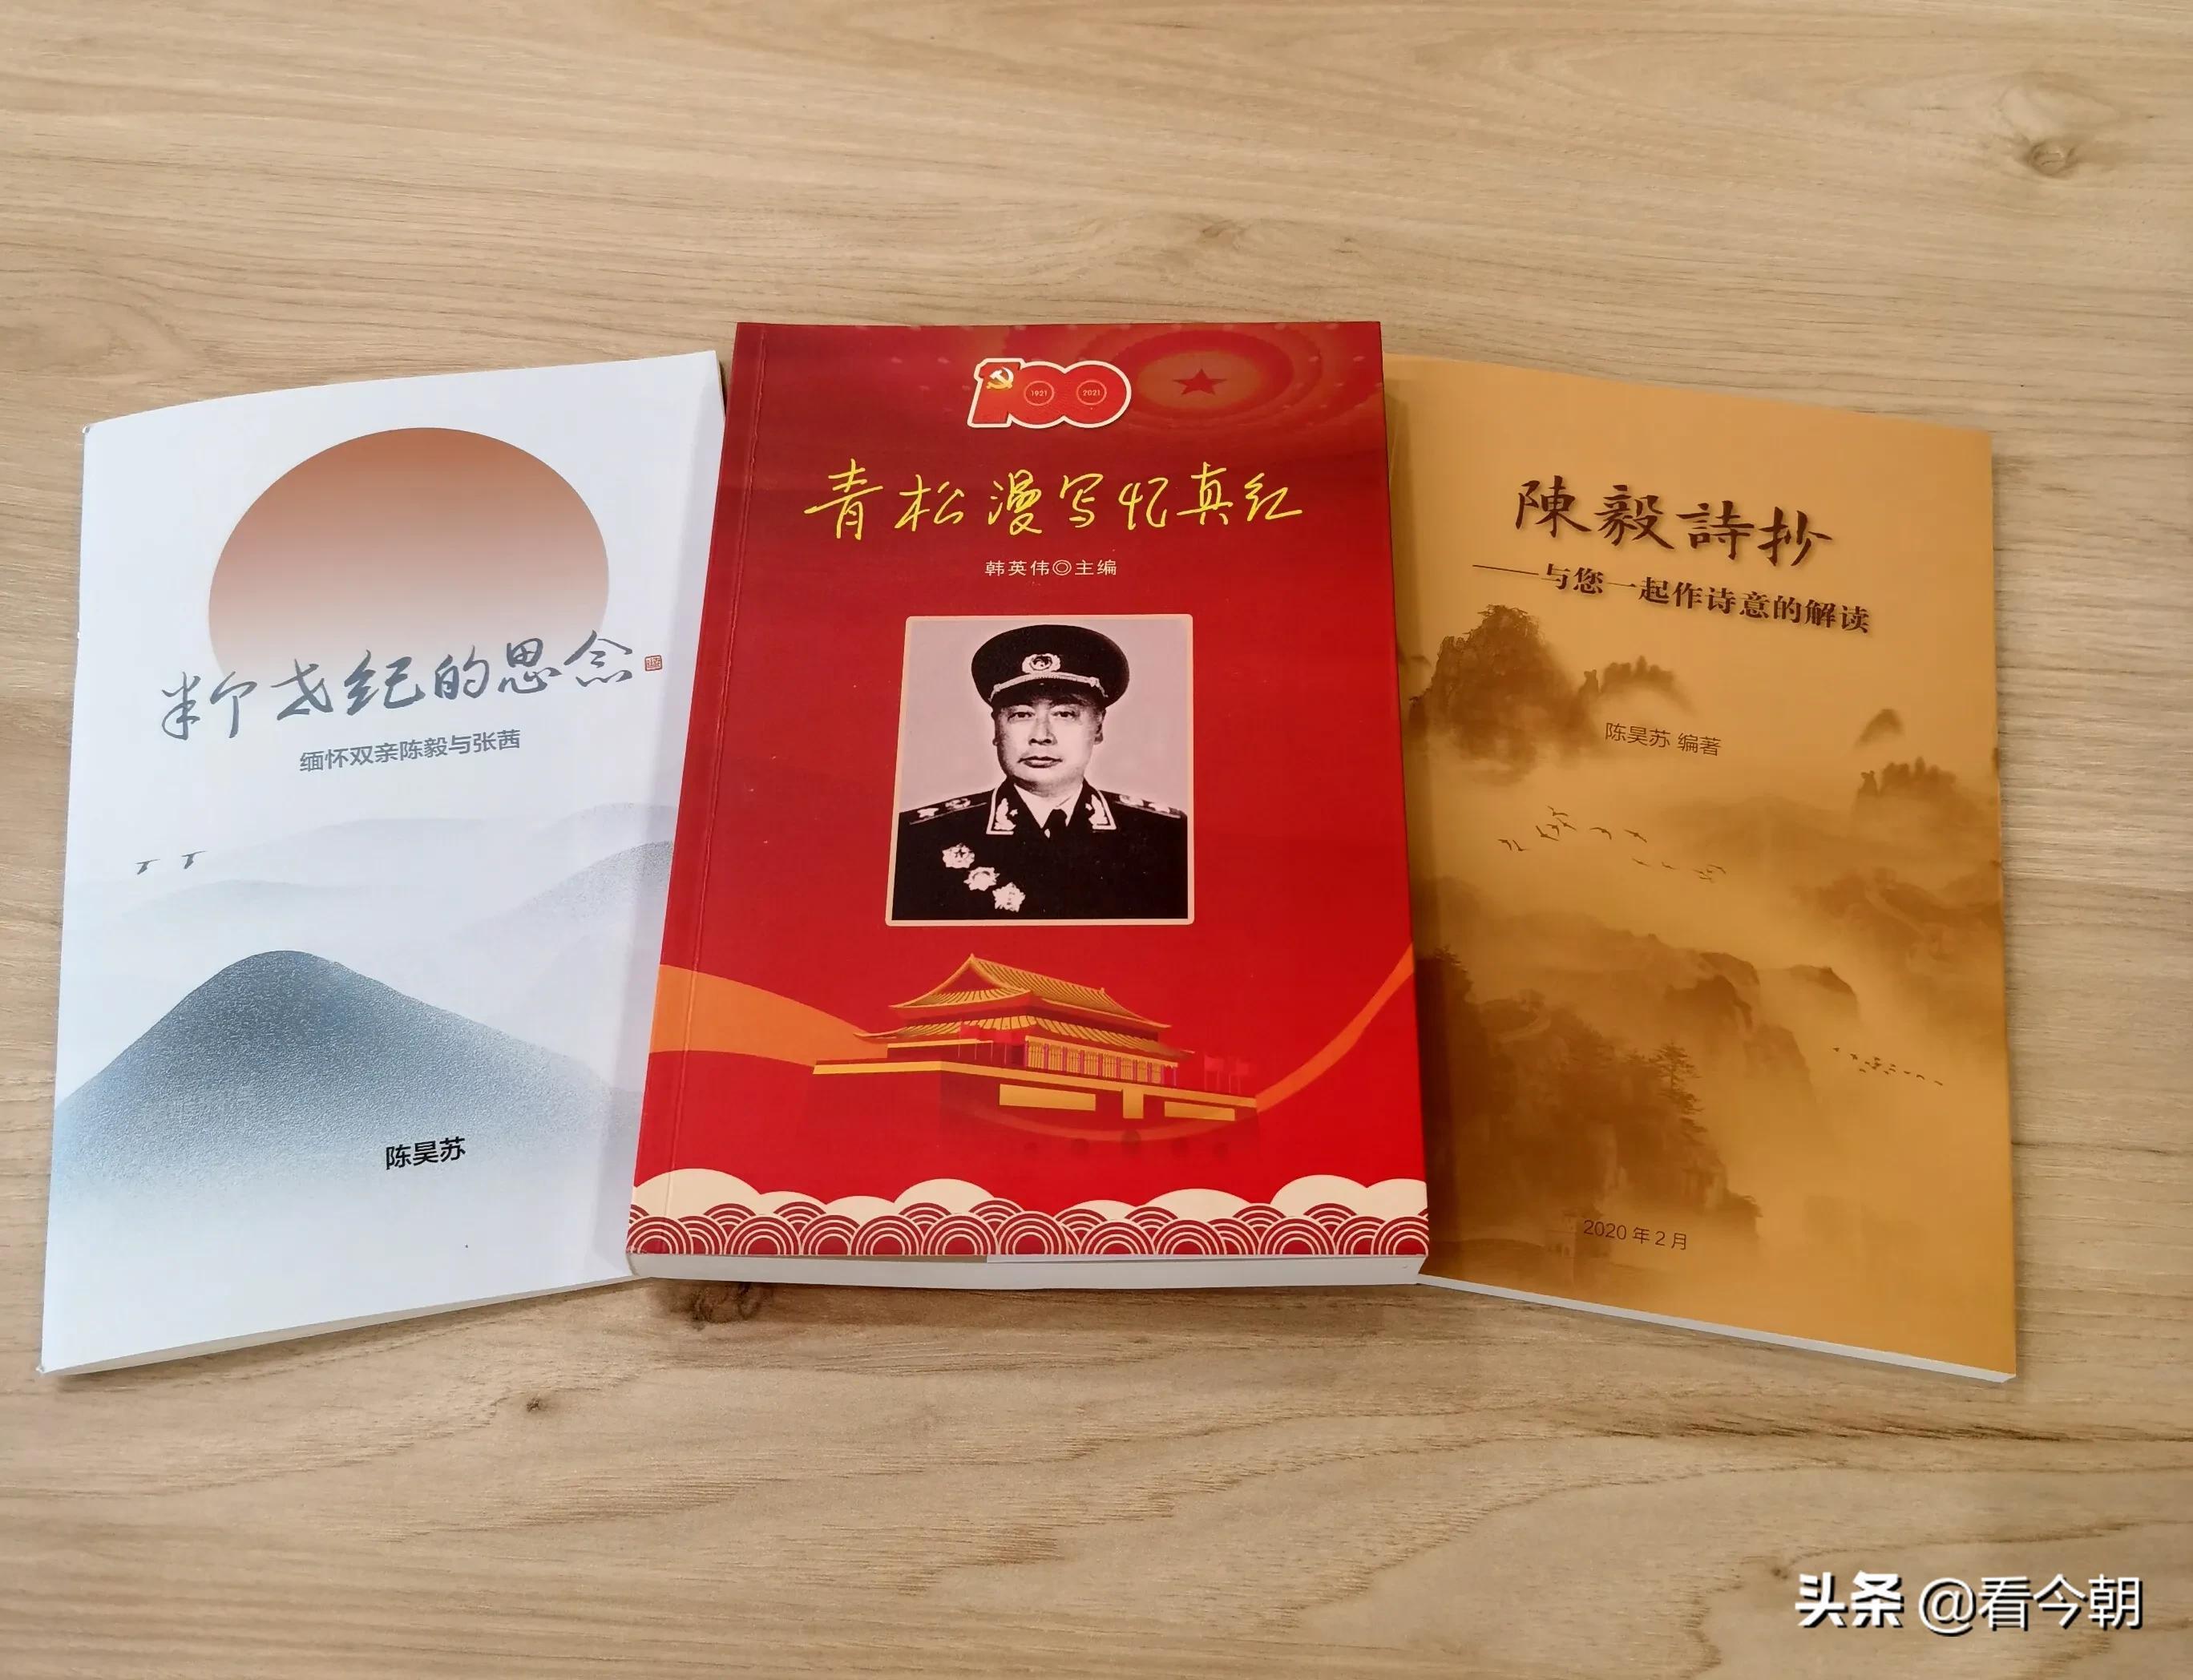 纪念陈毅元帅诞辰120周年暨《青松漫写忆真红》出版